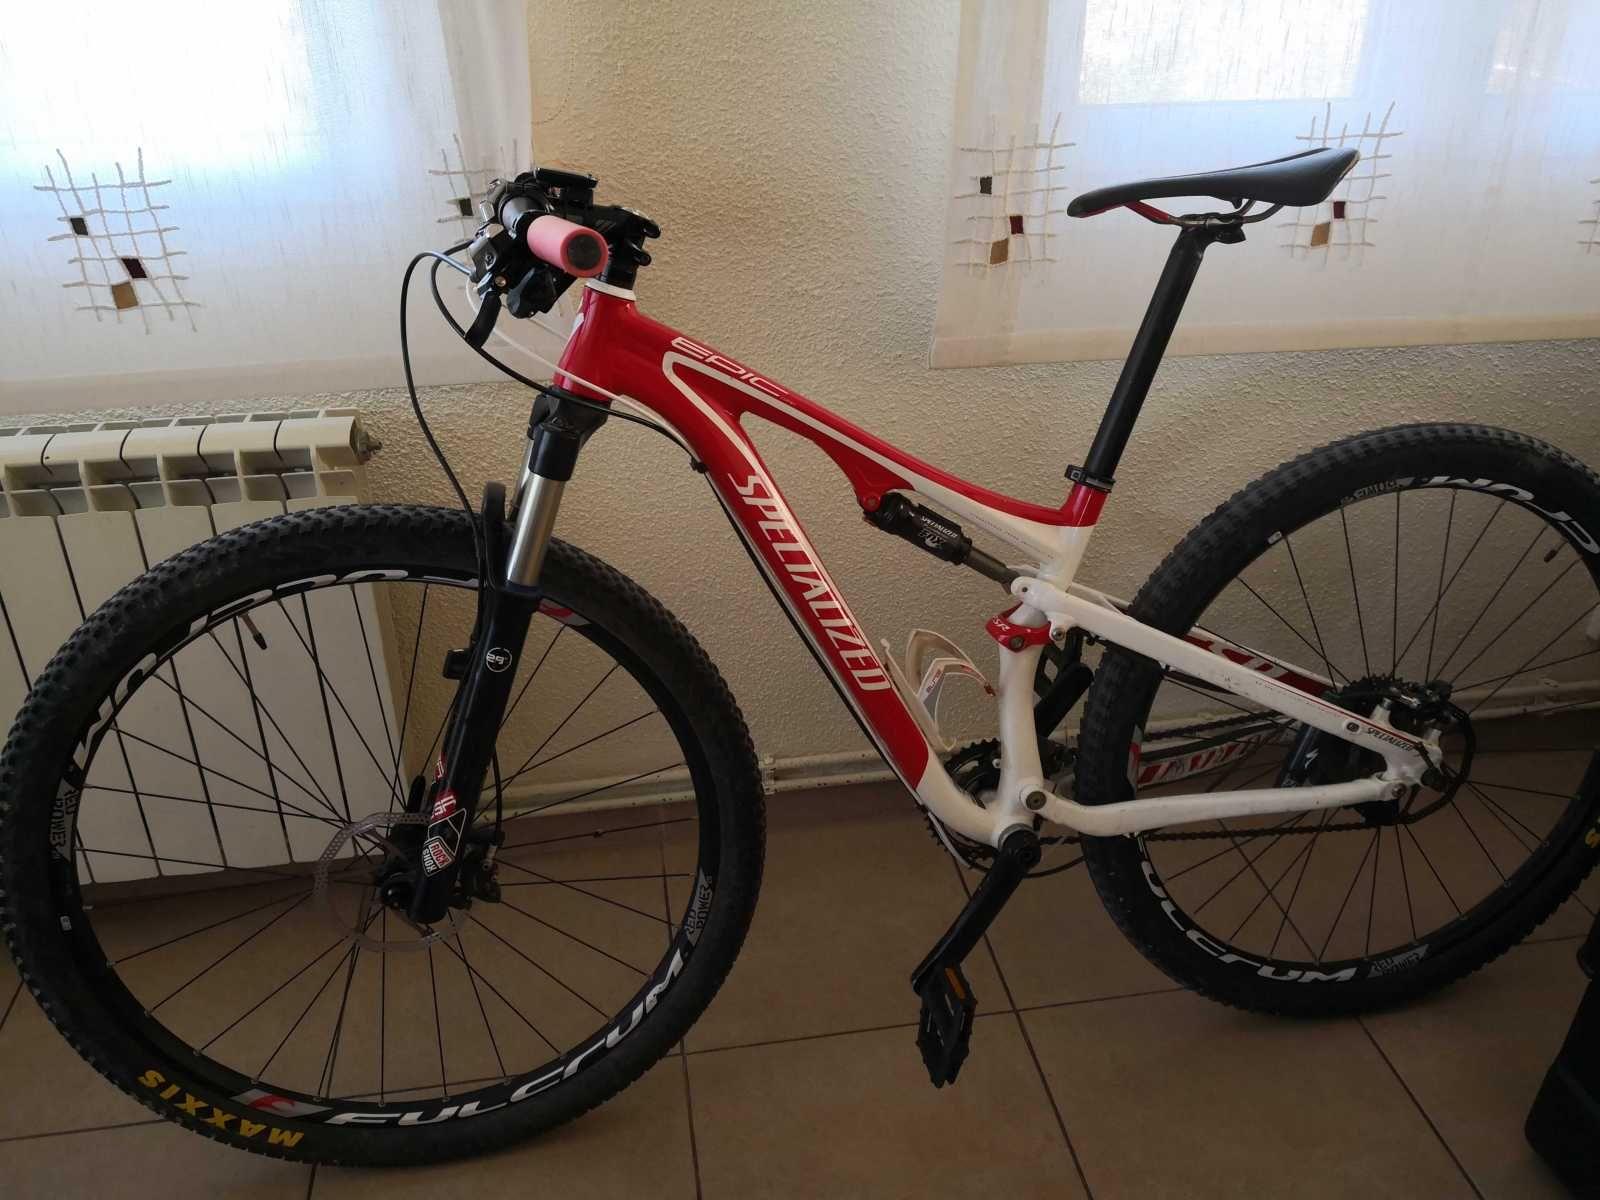 Bicicleta De Montaña Specialized Epic Ref 44666 Talla S Año 2012 Cambio Otro Sram Cuadro De Aluminio Suspensión Doble Rue Bicicletas Bicicletas Mtb Mtb